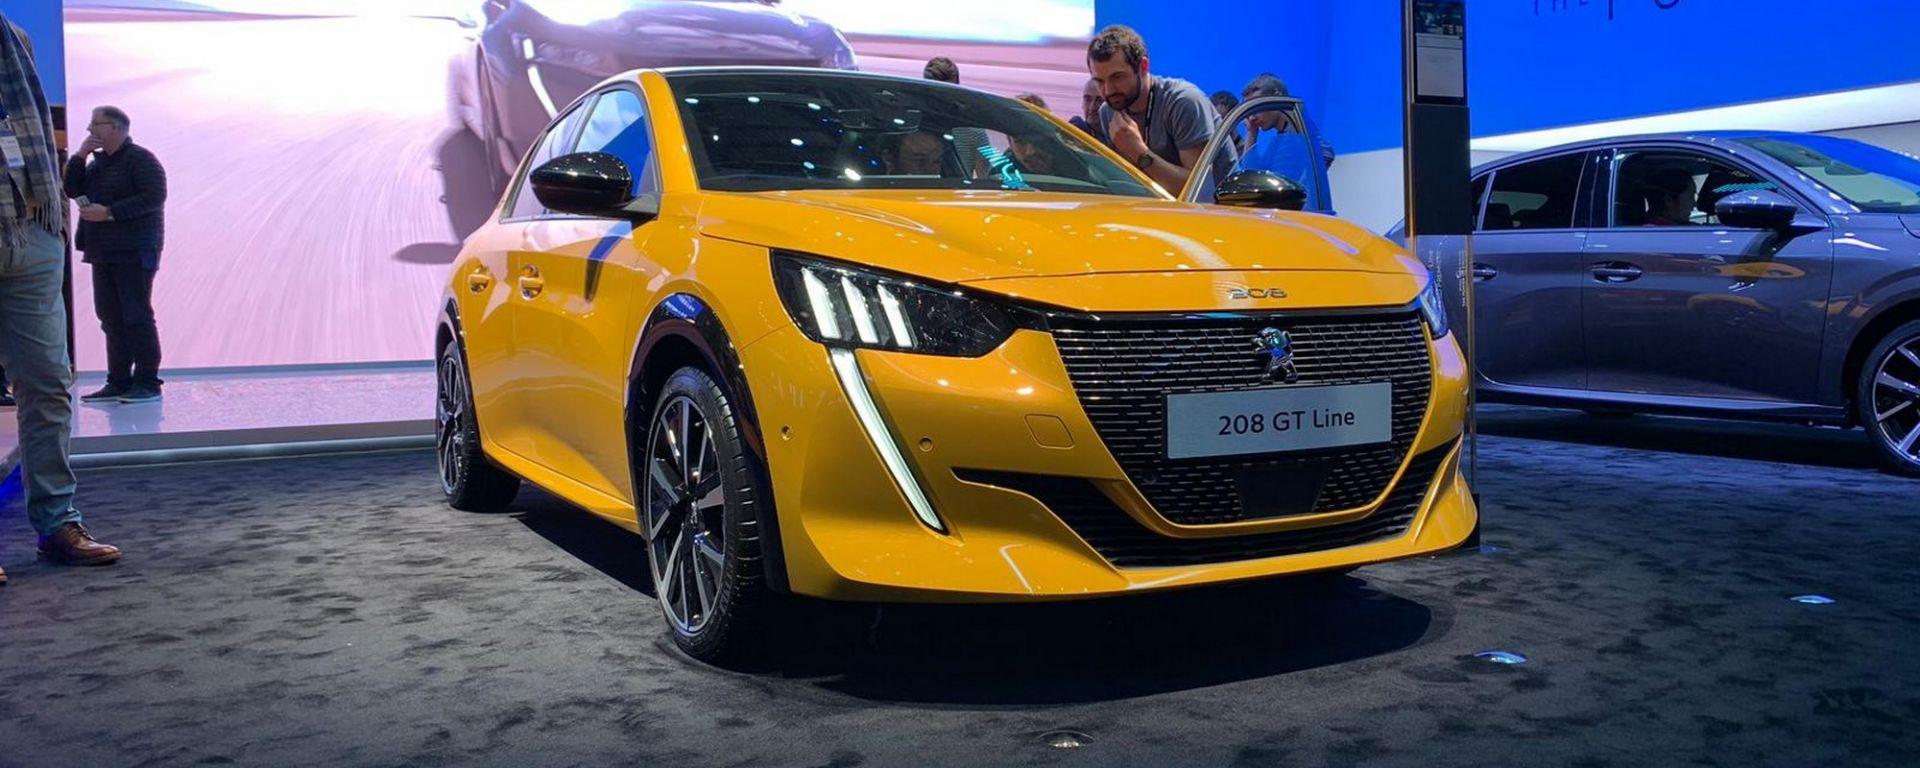 Nuova Peugeot 208 2019: tutto quello che c'è da sapere